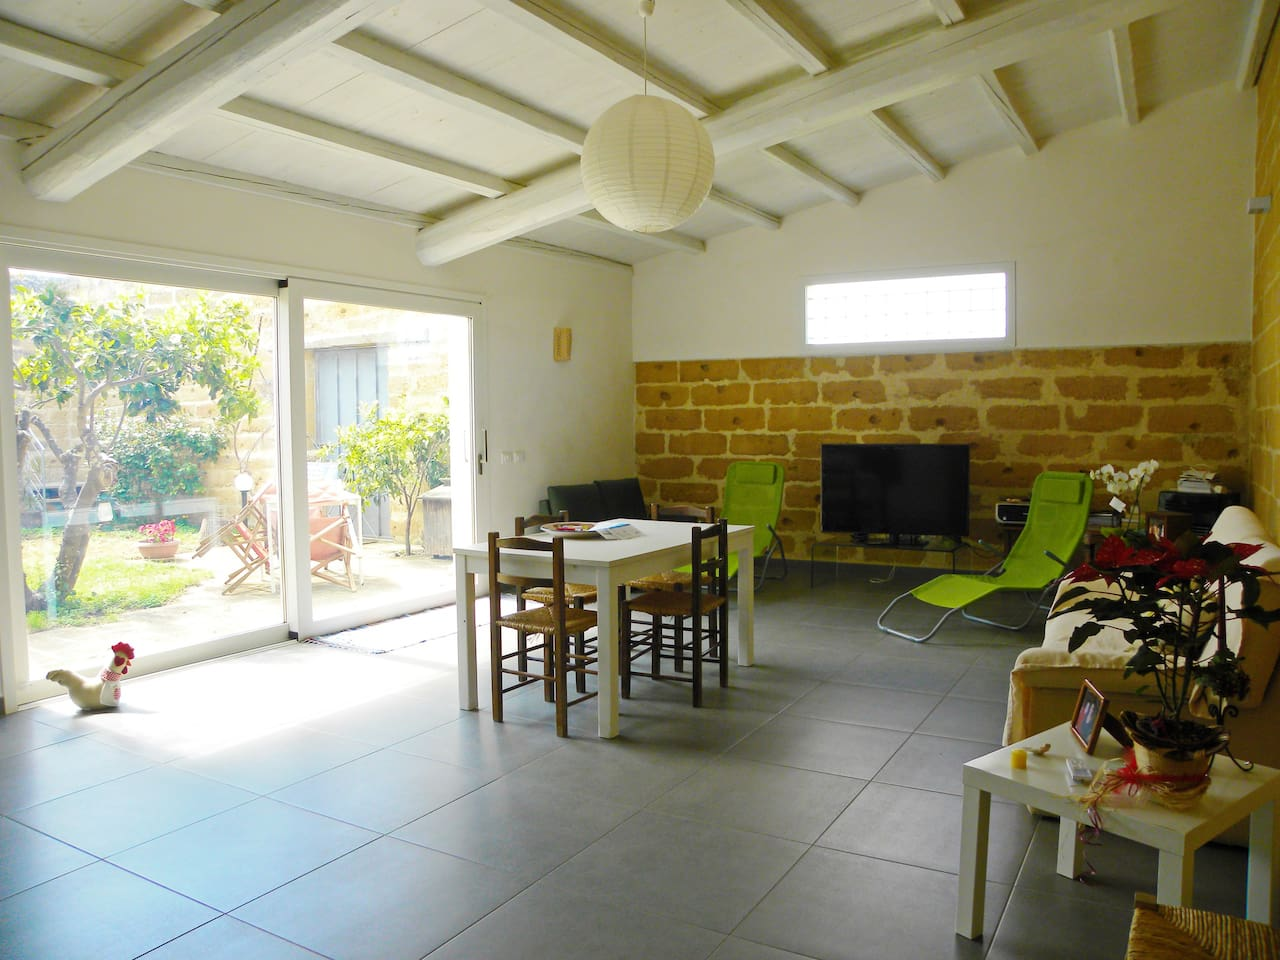 cucina soggiorno con accesso al delizioso giardino